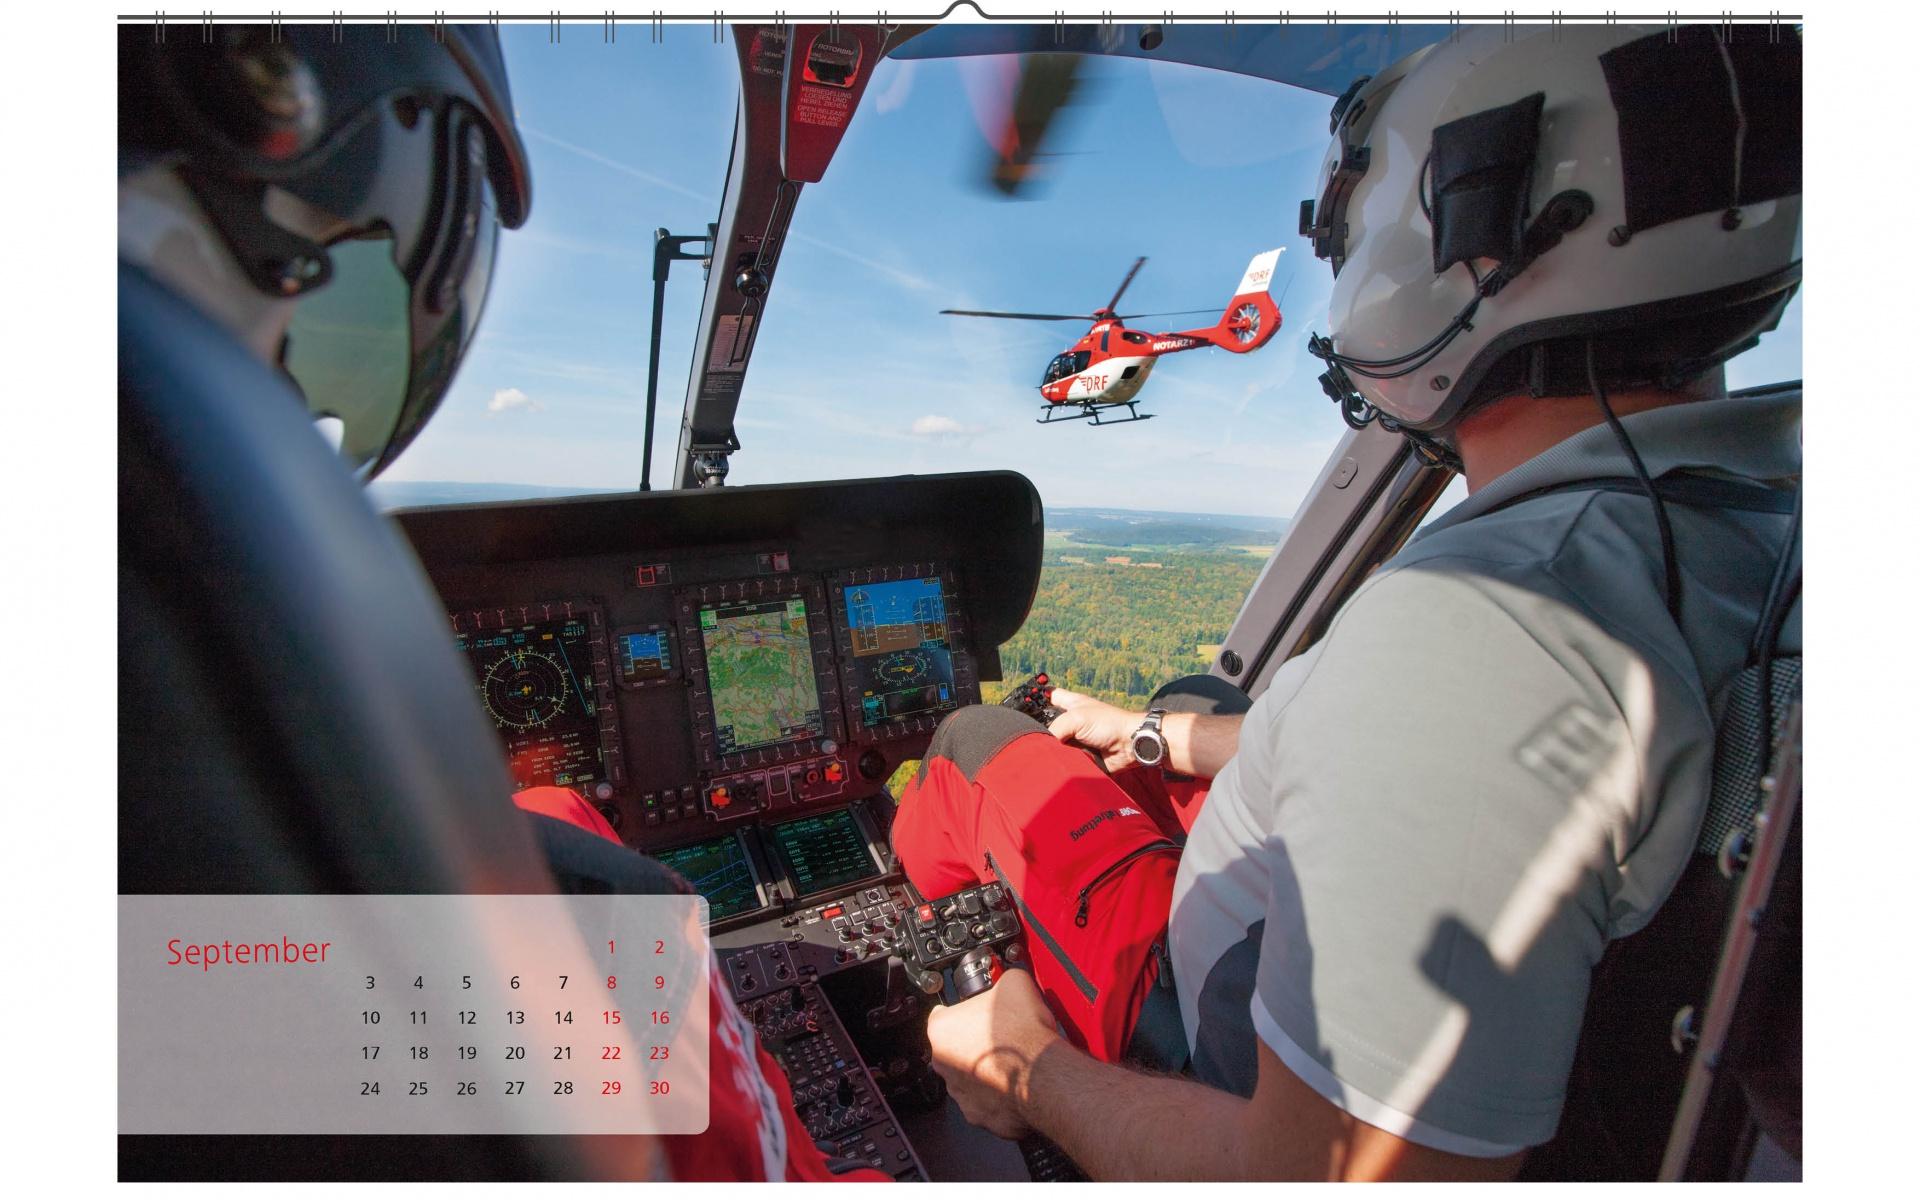 Willkommen in der Flotte: 2018 werden die ersten Hubschrauber des Typs H 135 bei der DRF Luftrettung in Dienst gestellt.